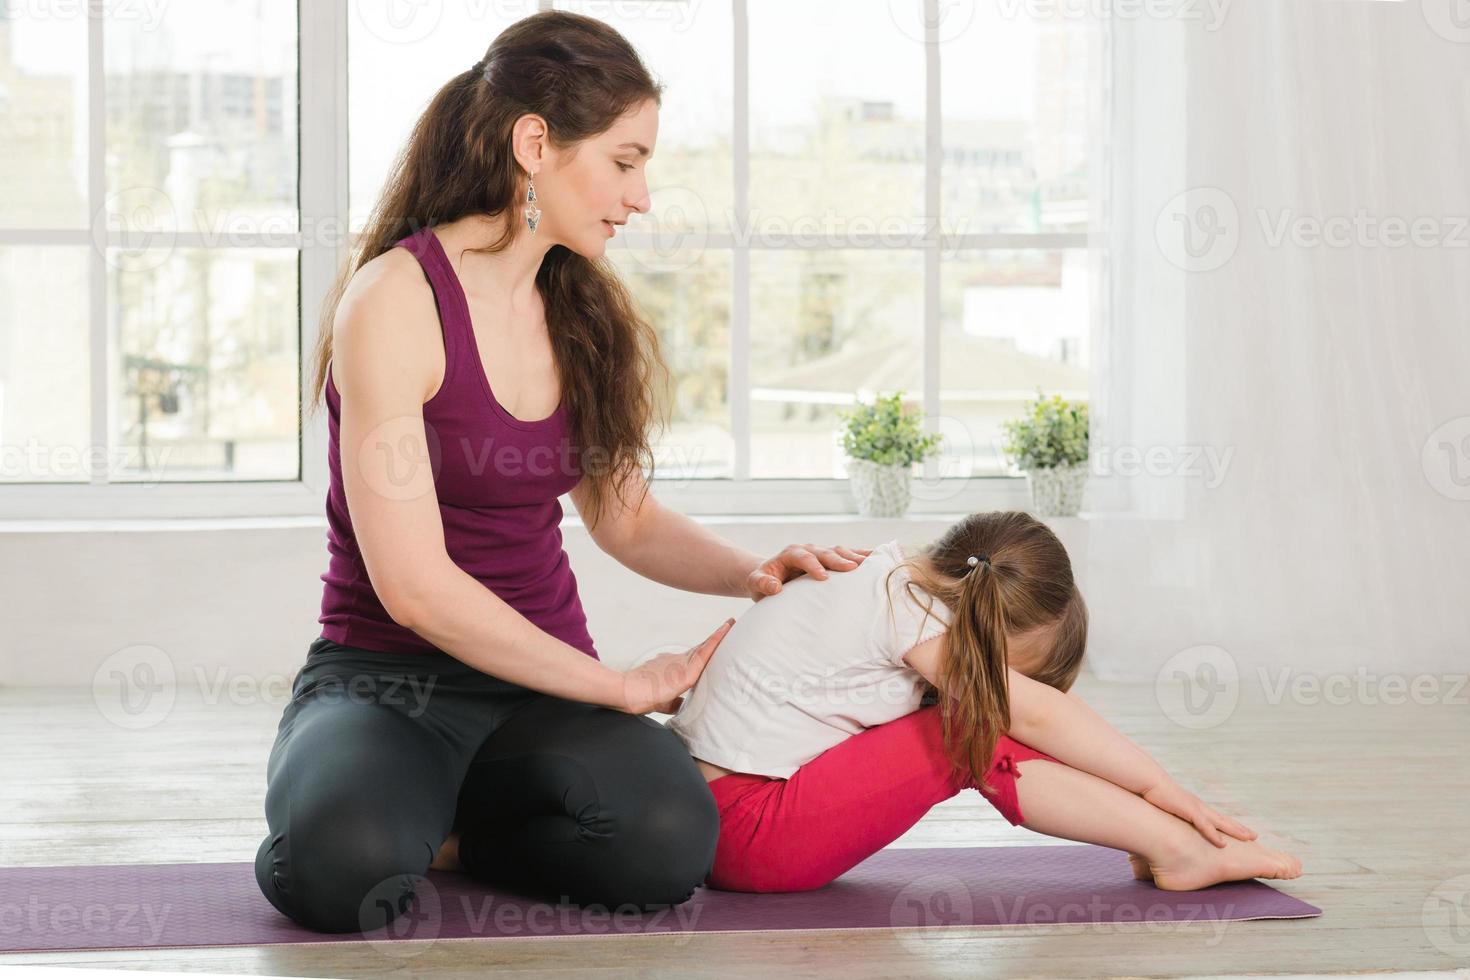 jovem mãe confortando filha durante exercícios de ioga foto